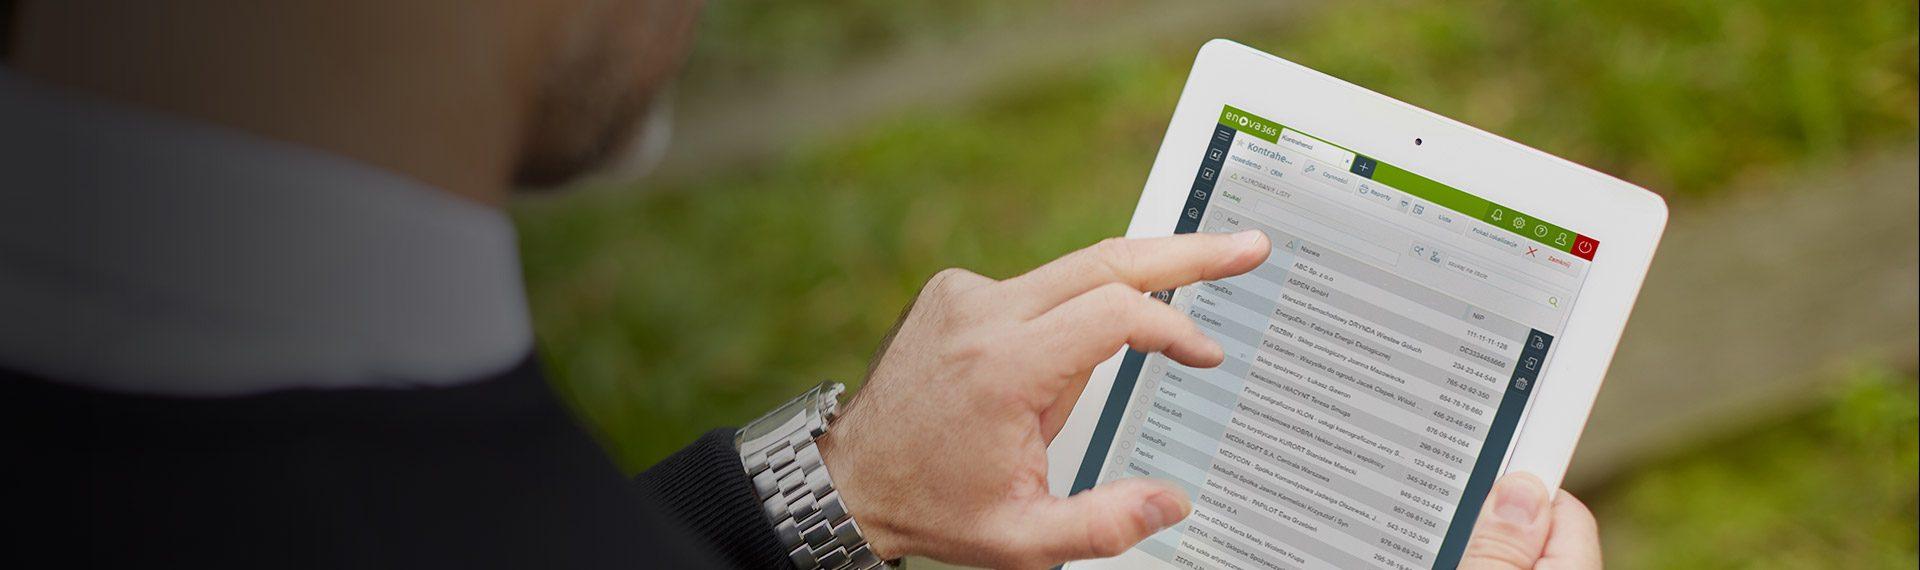 Aplikacja enova365 dla mobilnego handlowca